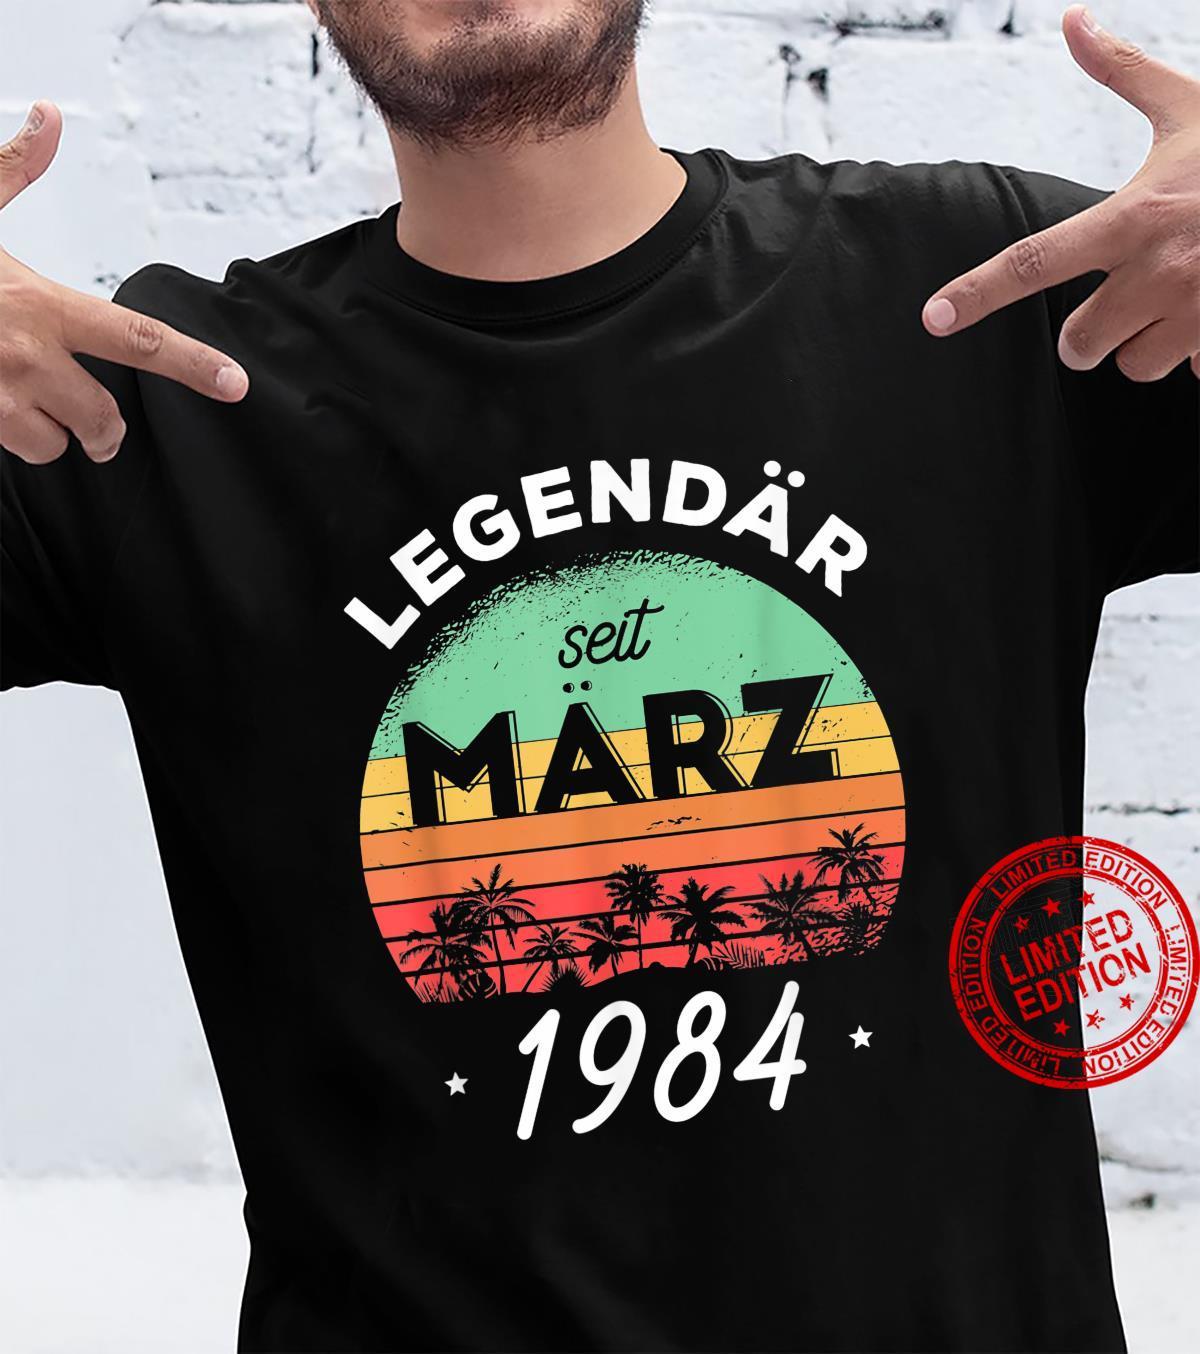 37. Geburtstag Legendär seit März 1984 Shirt